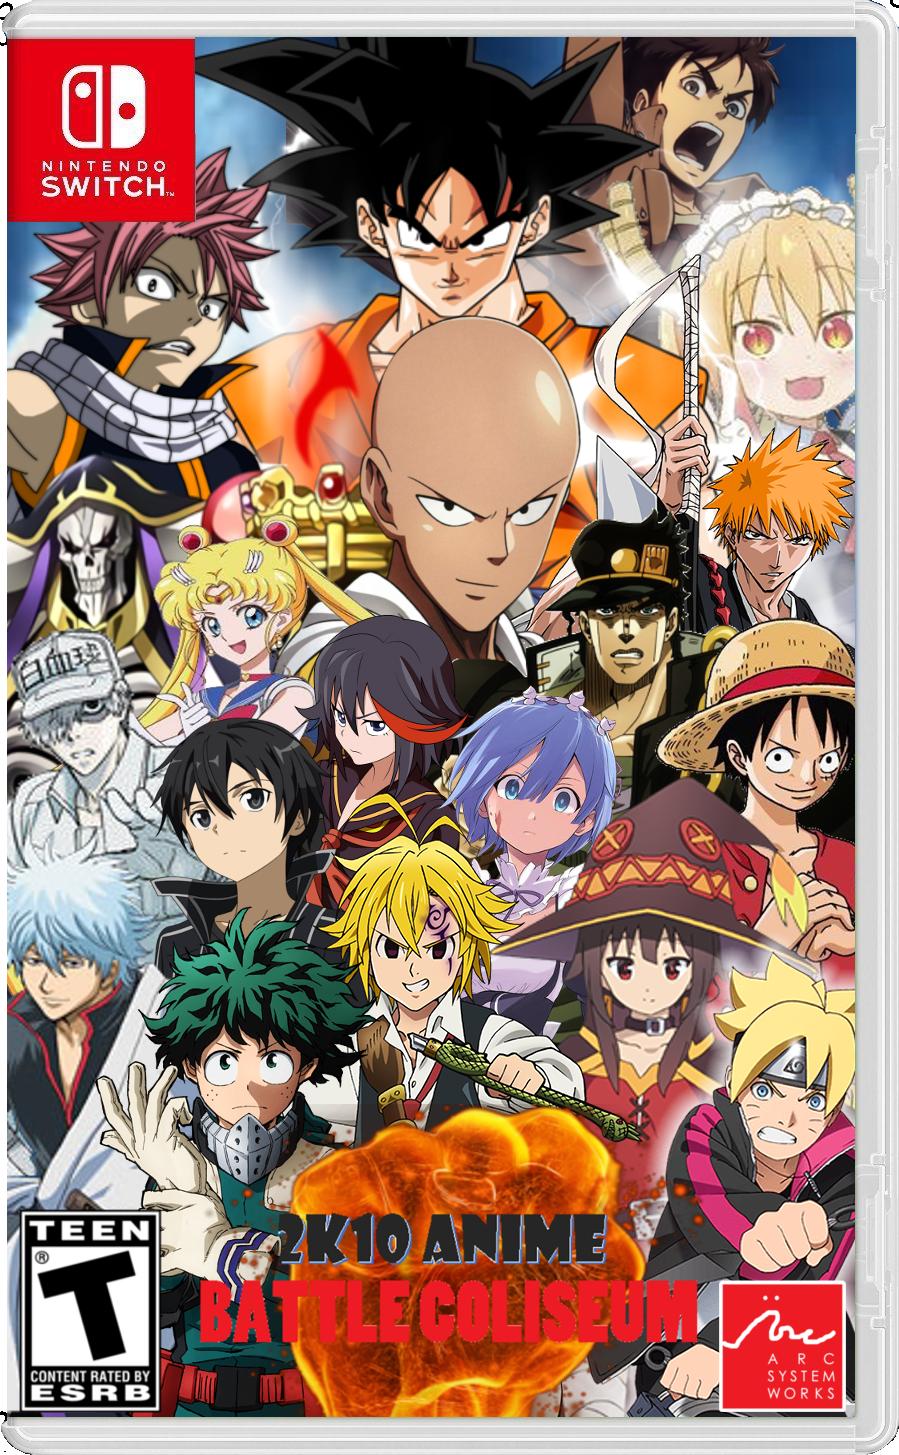 2K10 Anime Battle Coliseum